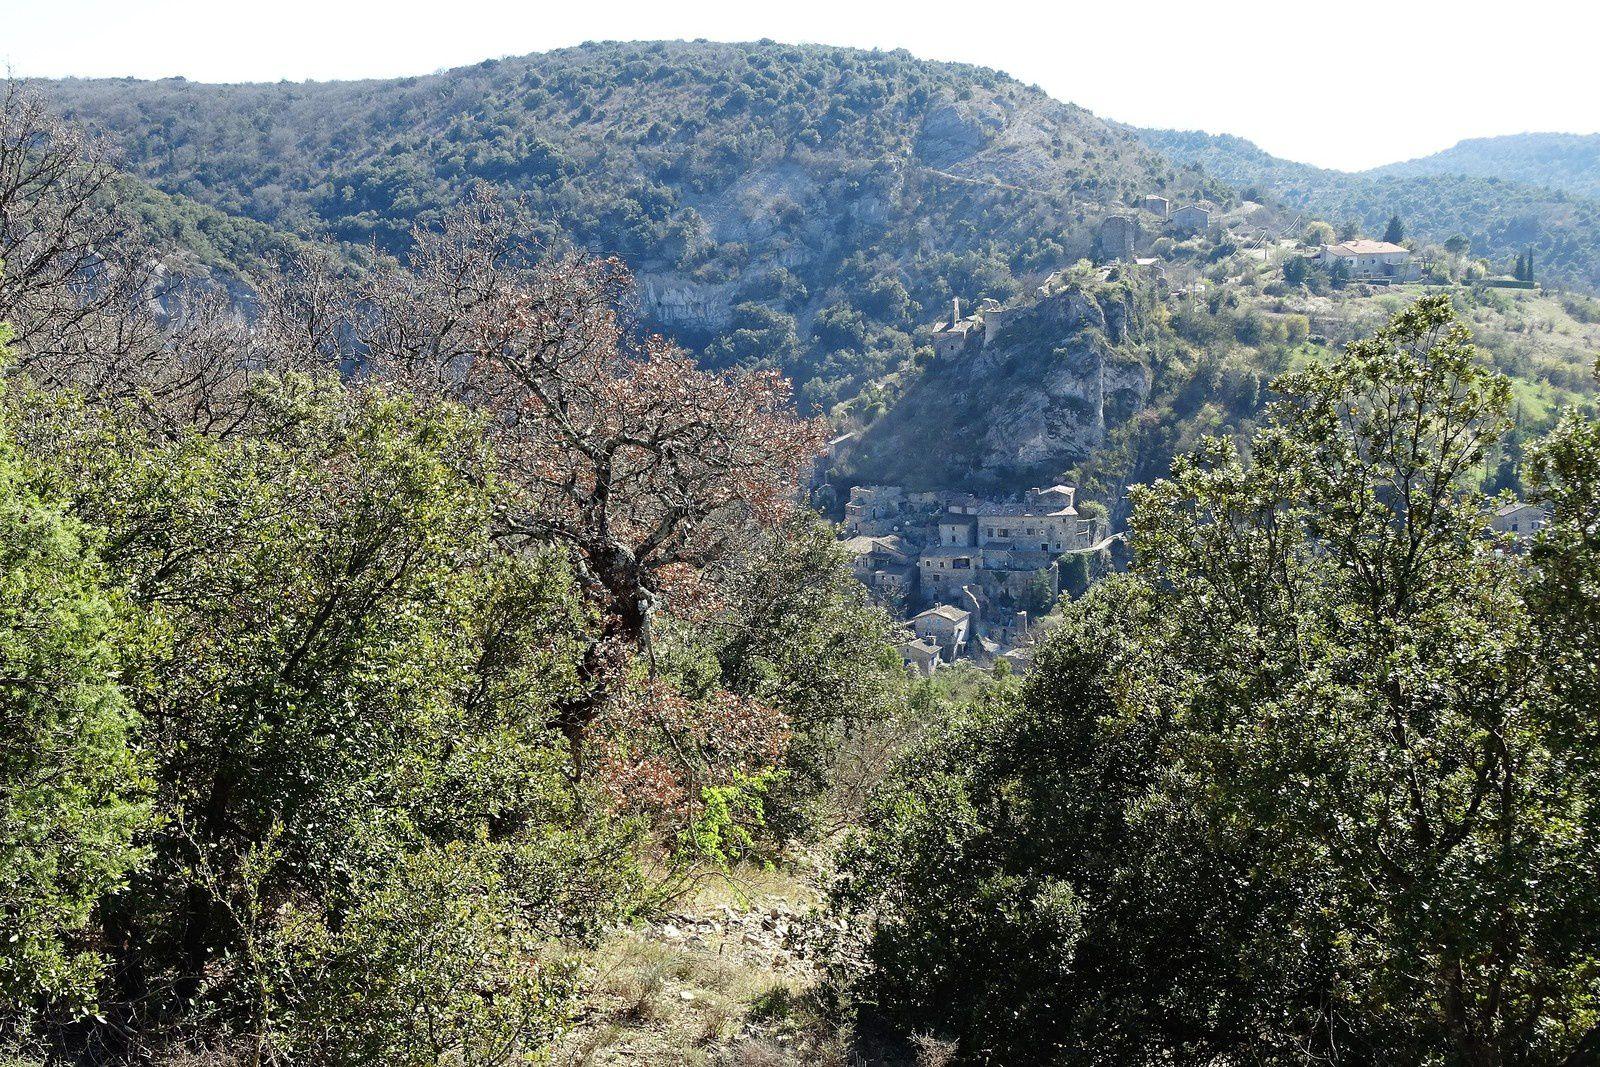 Le village de Rochecolombe et la cascade asséchée.  A partir de là les choses se gâtent et comme la veille le retour est très difficile, à revoir.